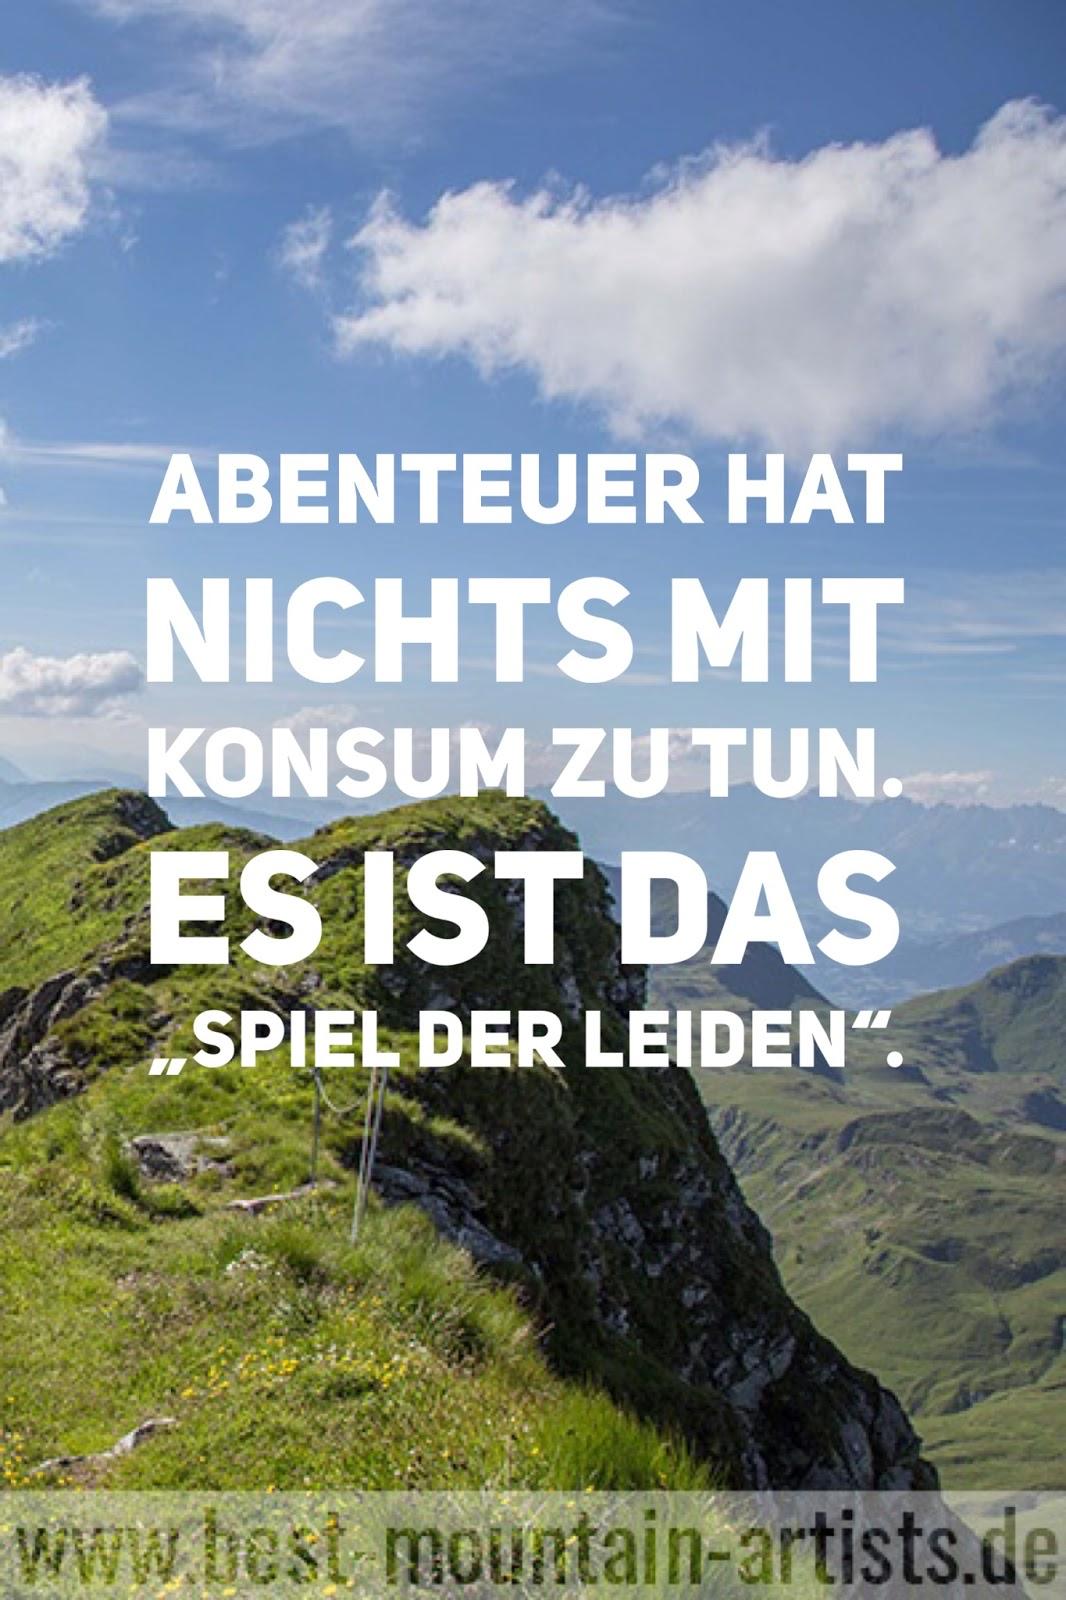 """wander-zitate """"Abenteuer hat nichts mit Konsum zu tun. Es ist das """"Spiel der Leiden""""."""", Reinhold Messner"""